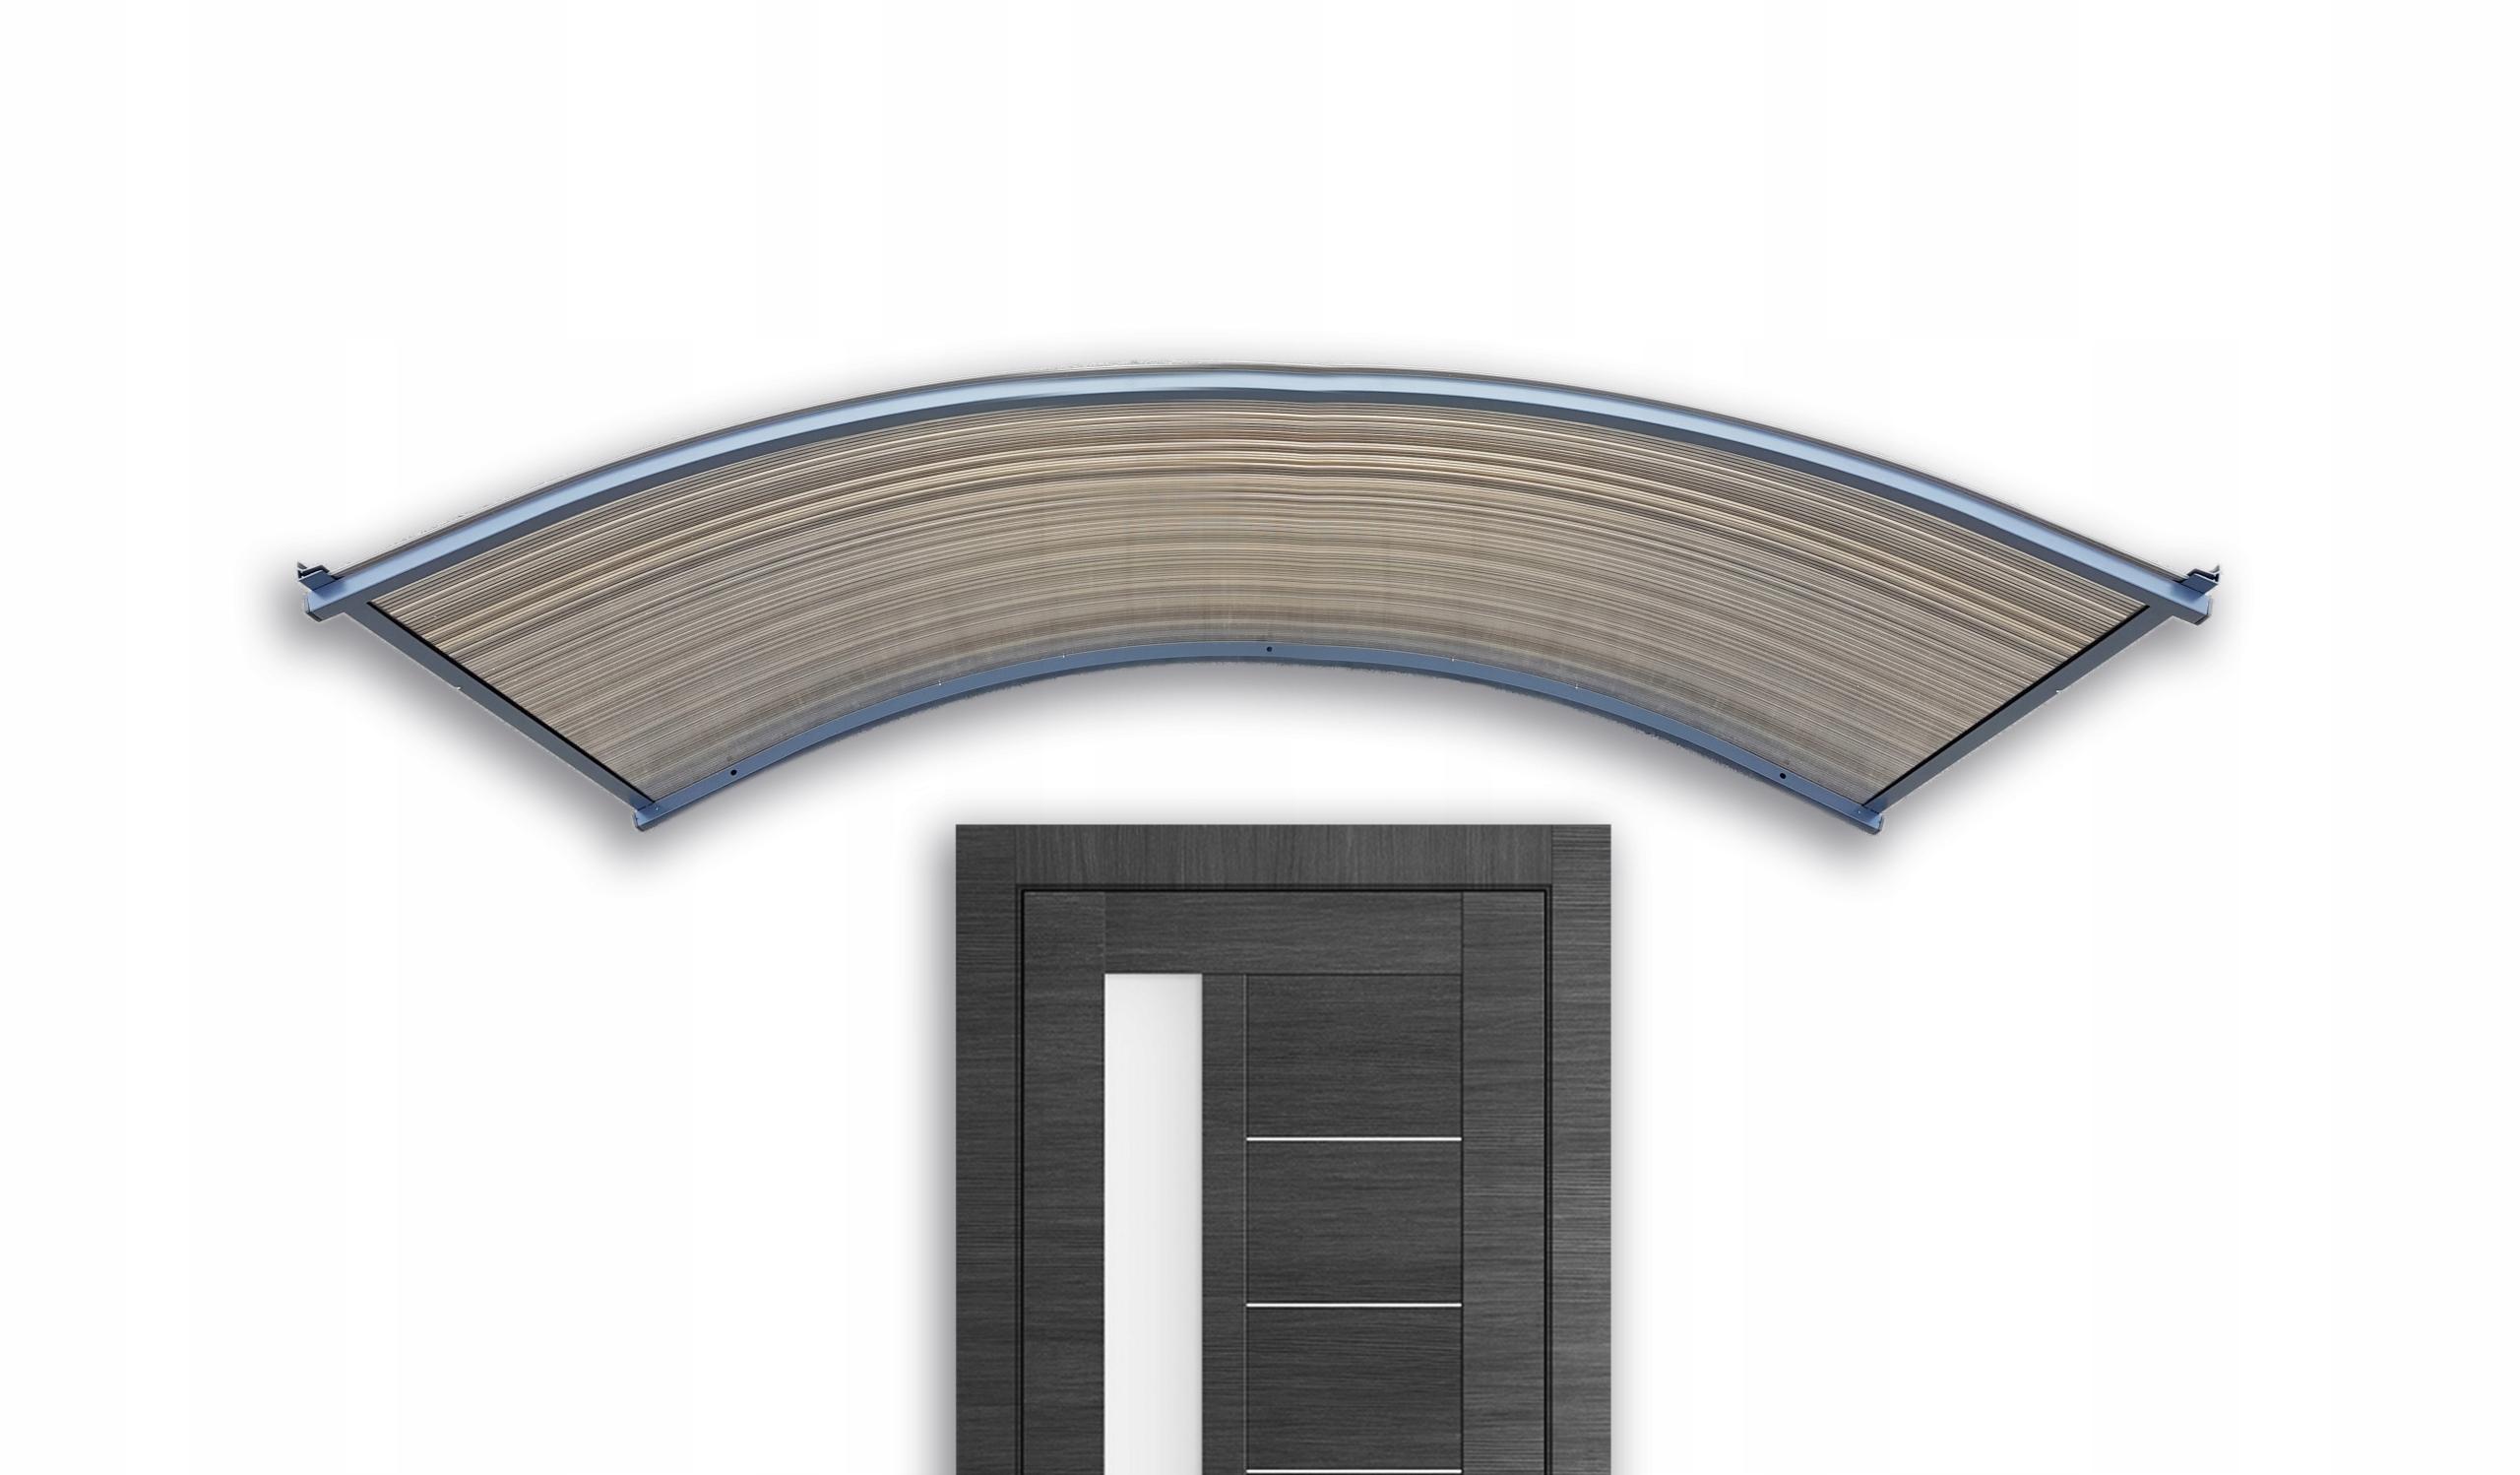 Strecha nad dvere, strecha 130x25x50 antracit